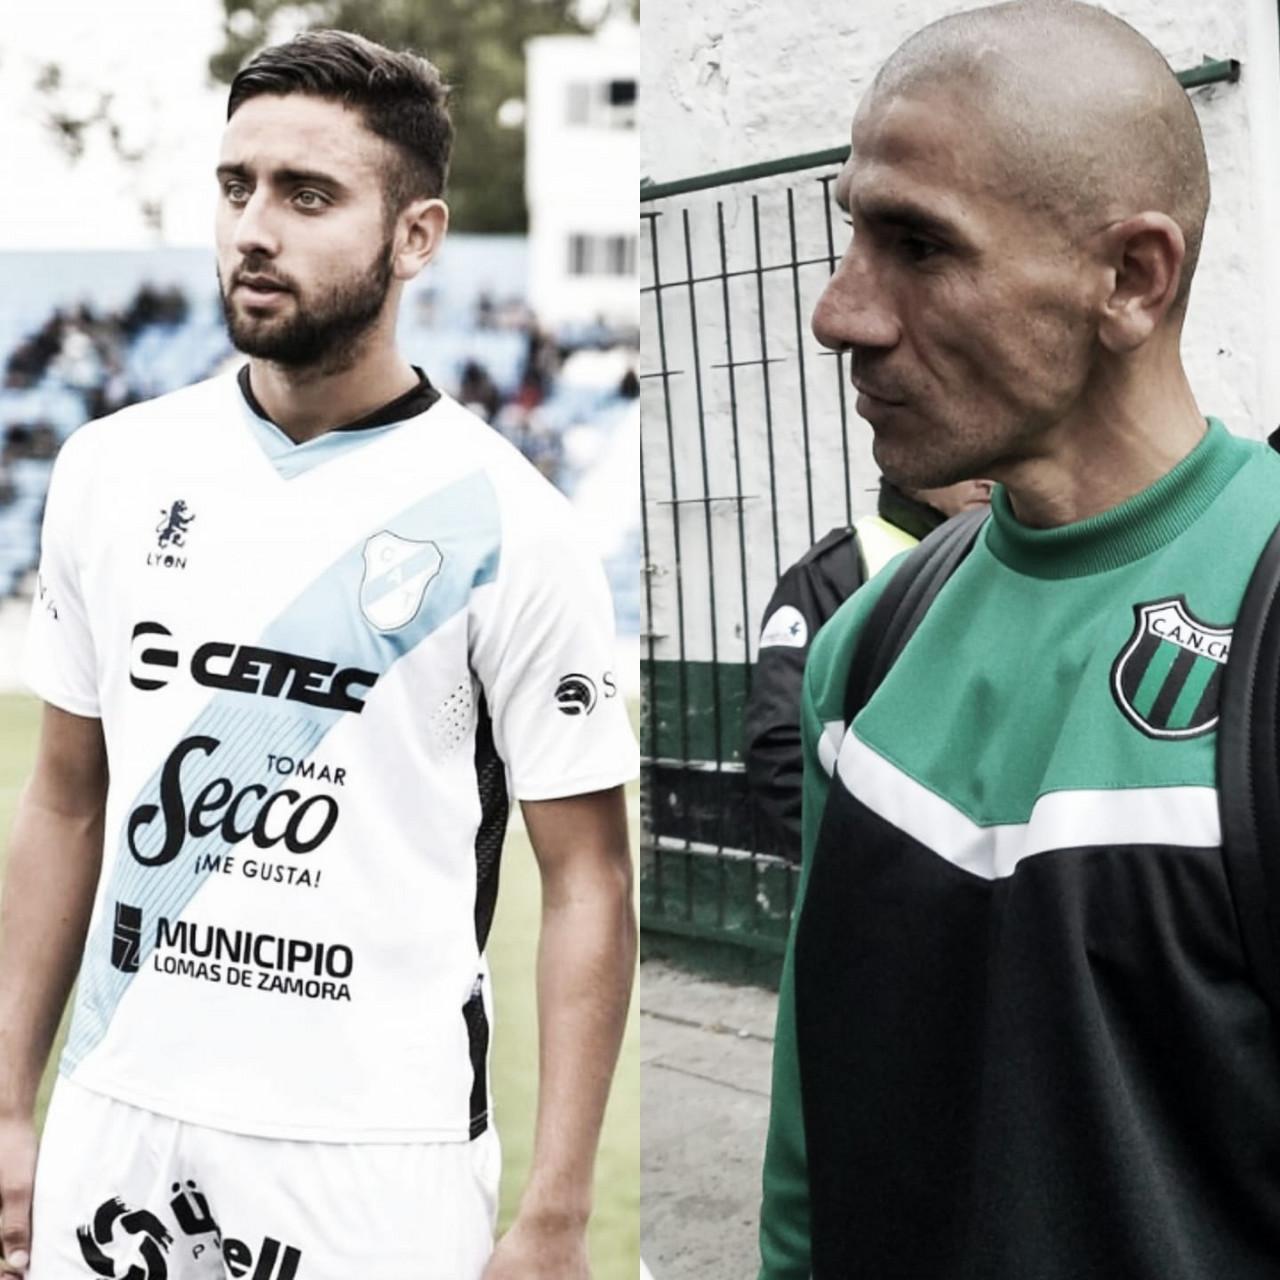 """Cara a cara: Nicolás Demartini vs Daniel """"Cata"""" Díaz"""